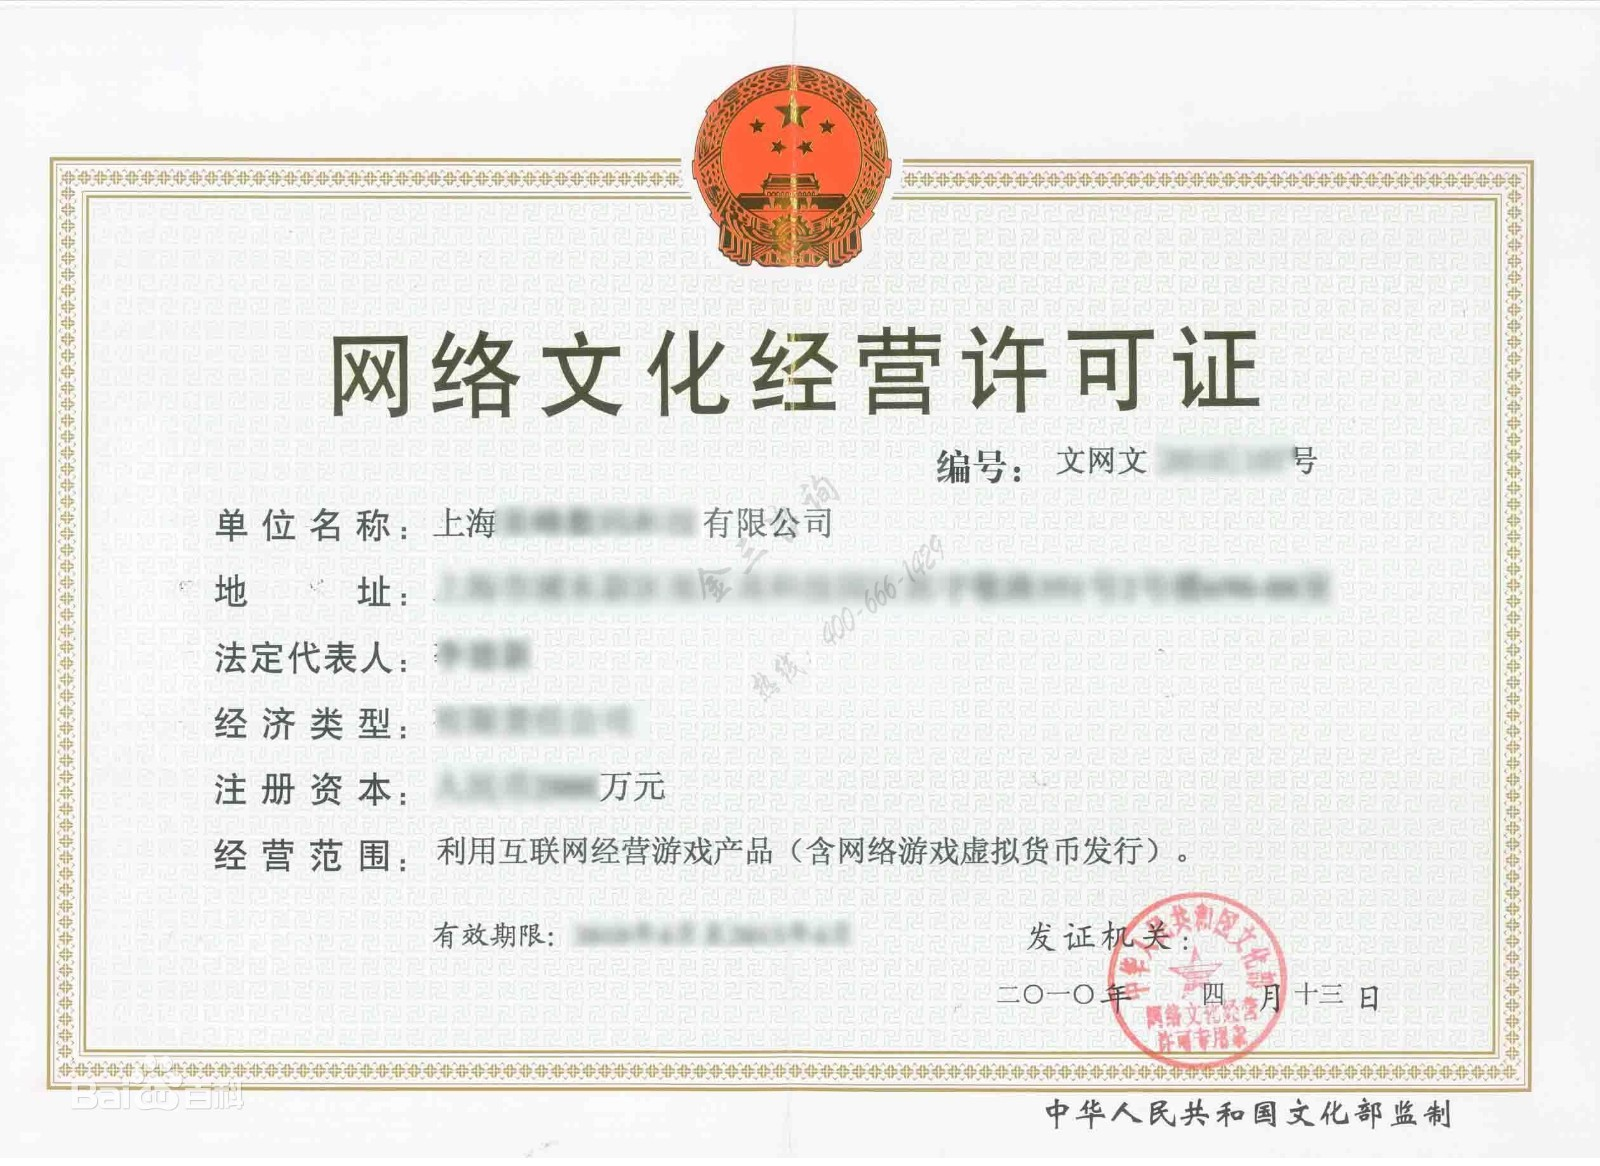 网络文化经营许可证(文网文)